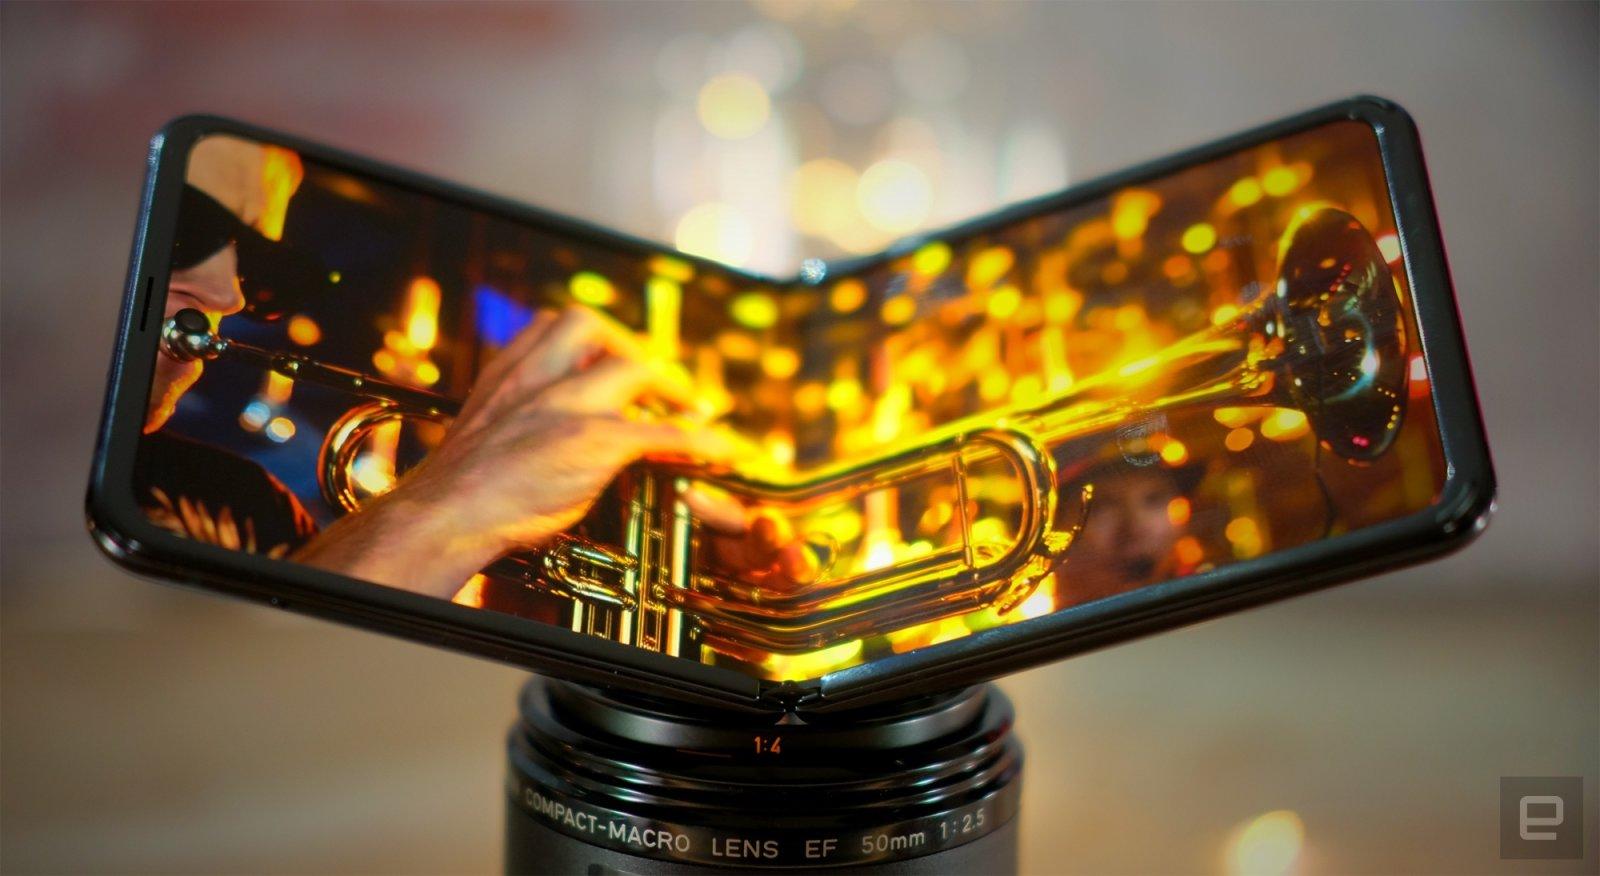 آیا آینده متعلق به گوشیهای تاشو است؟ بررسی ترند جدید دنیای گوشیهای هوشمند